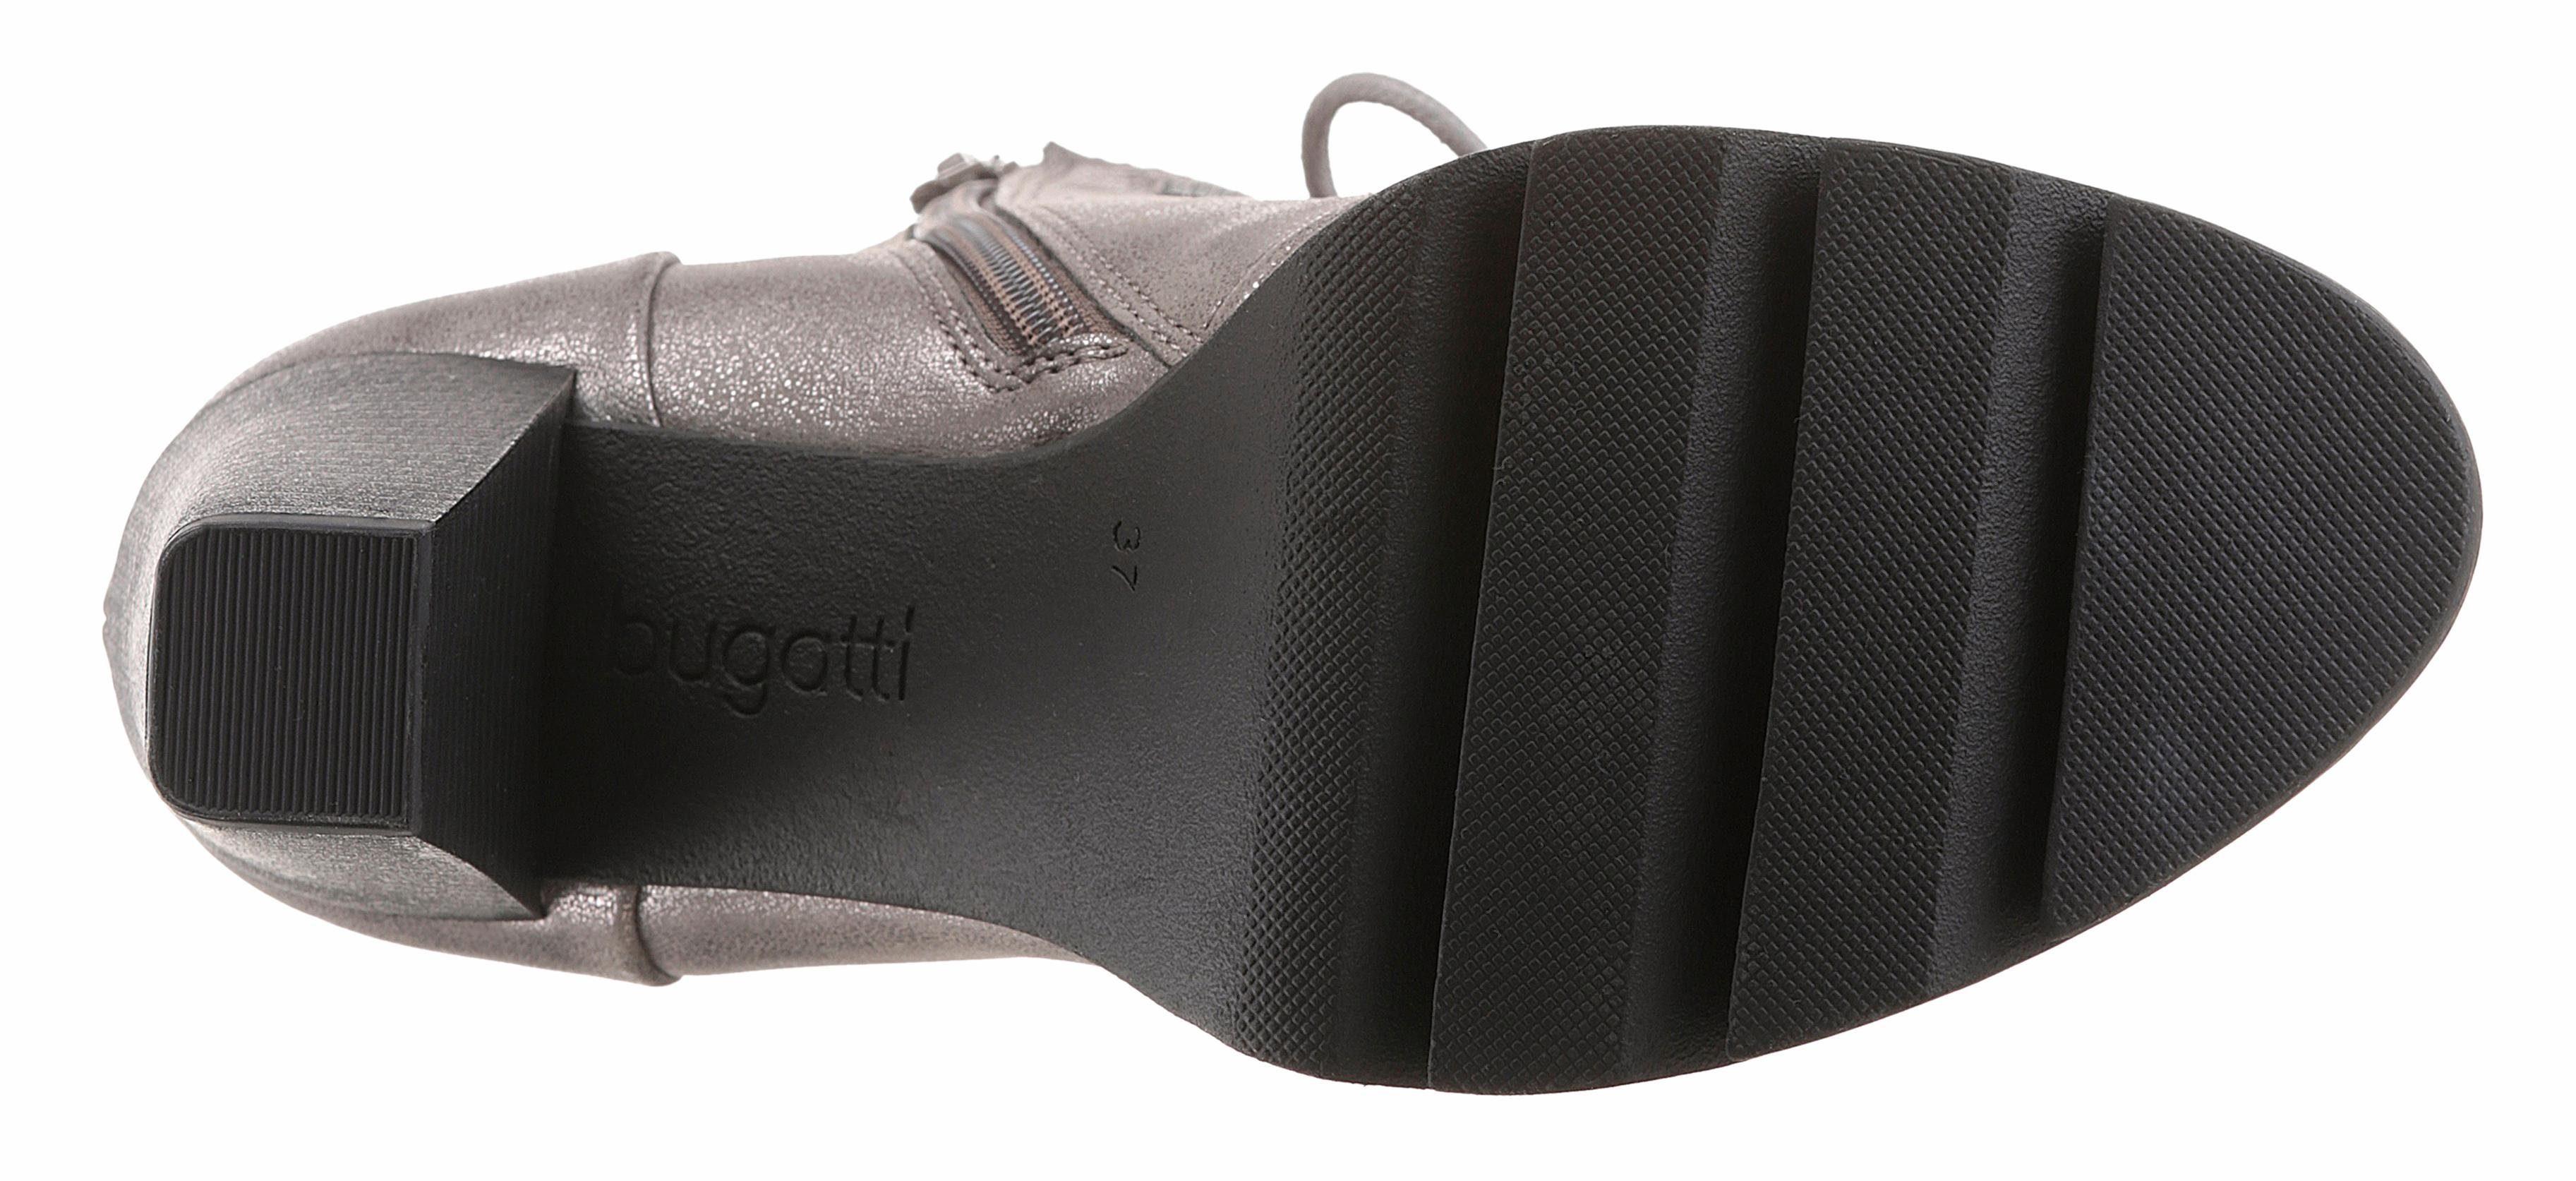 Bugatti Schnürstiefelette, mit verstellbarer Schnalle online kaufen  metallicgrau